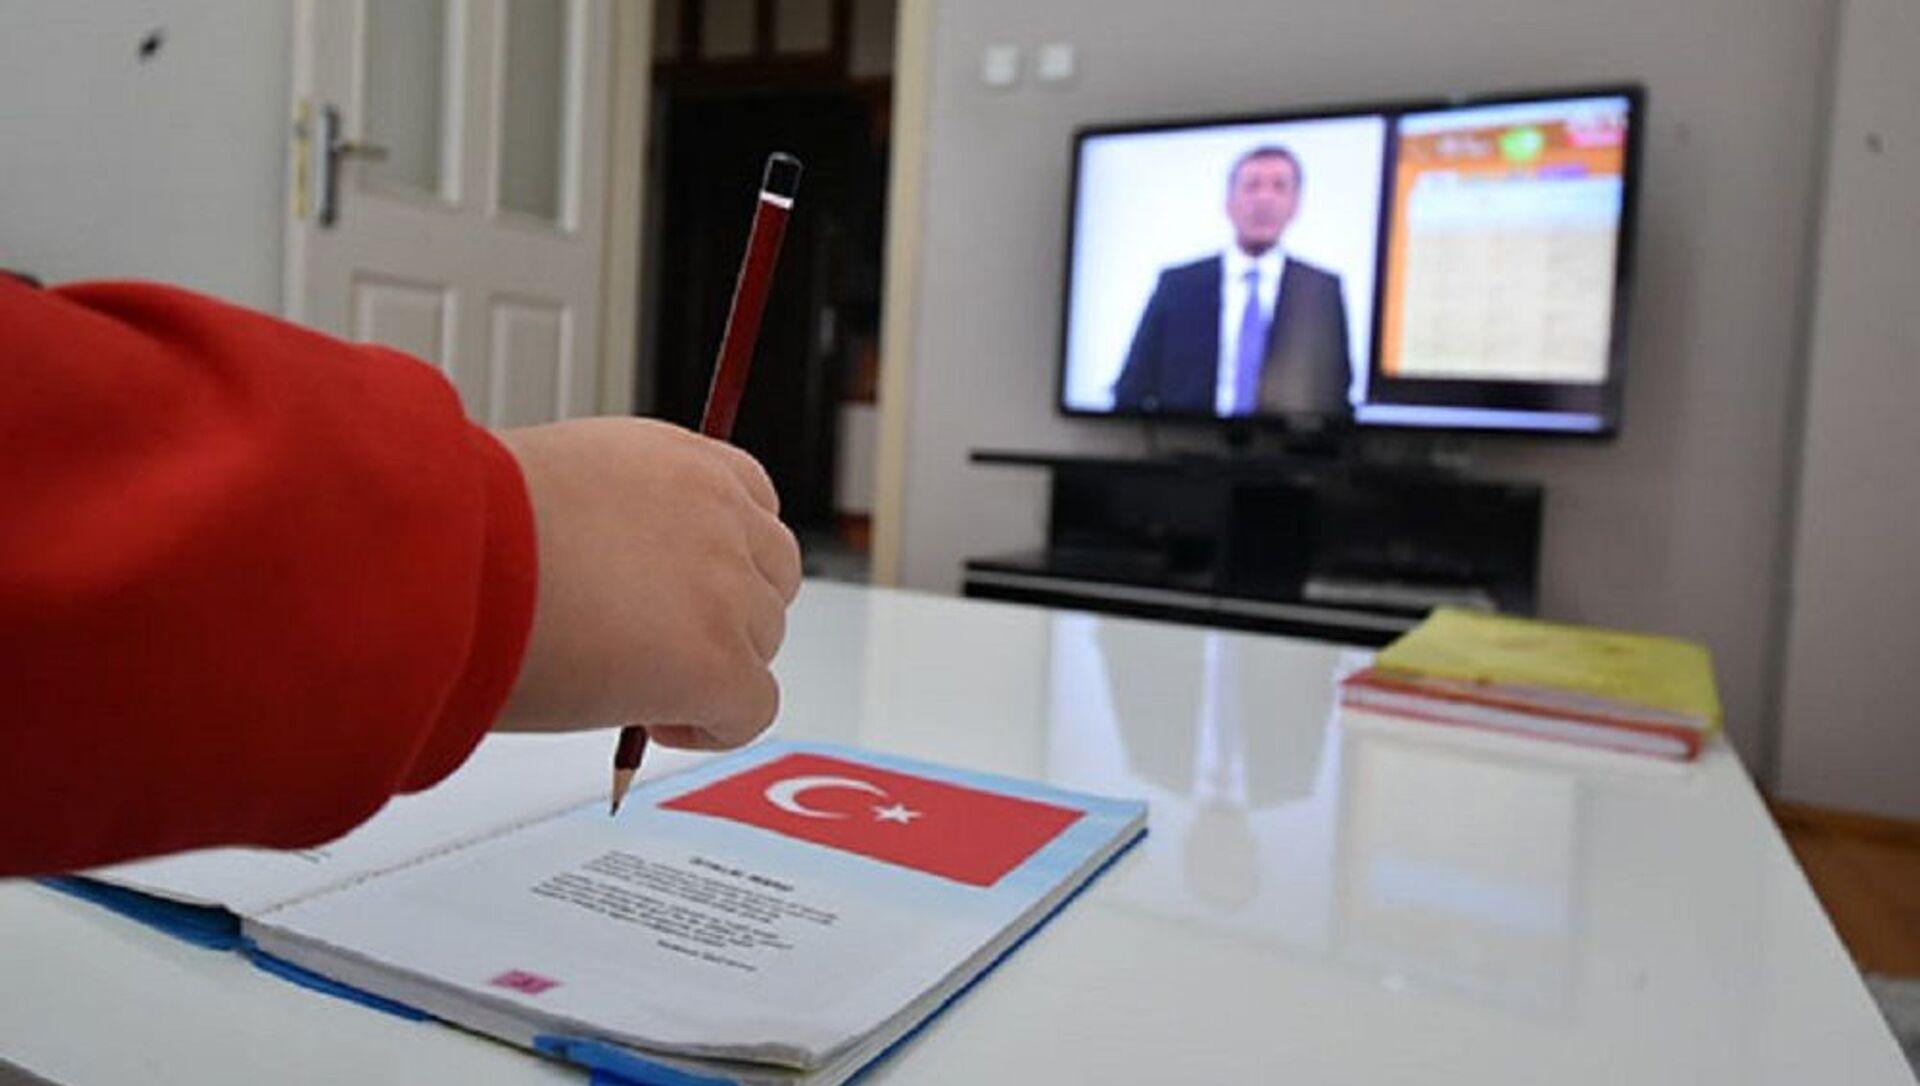 Uzaktan eğitim - Sputnik Türkiye, 1920, 12.05.2021